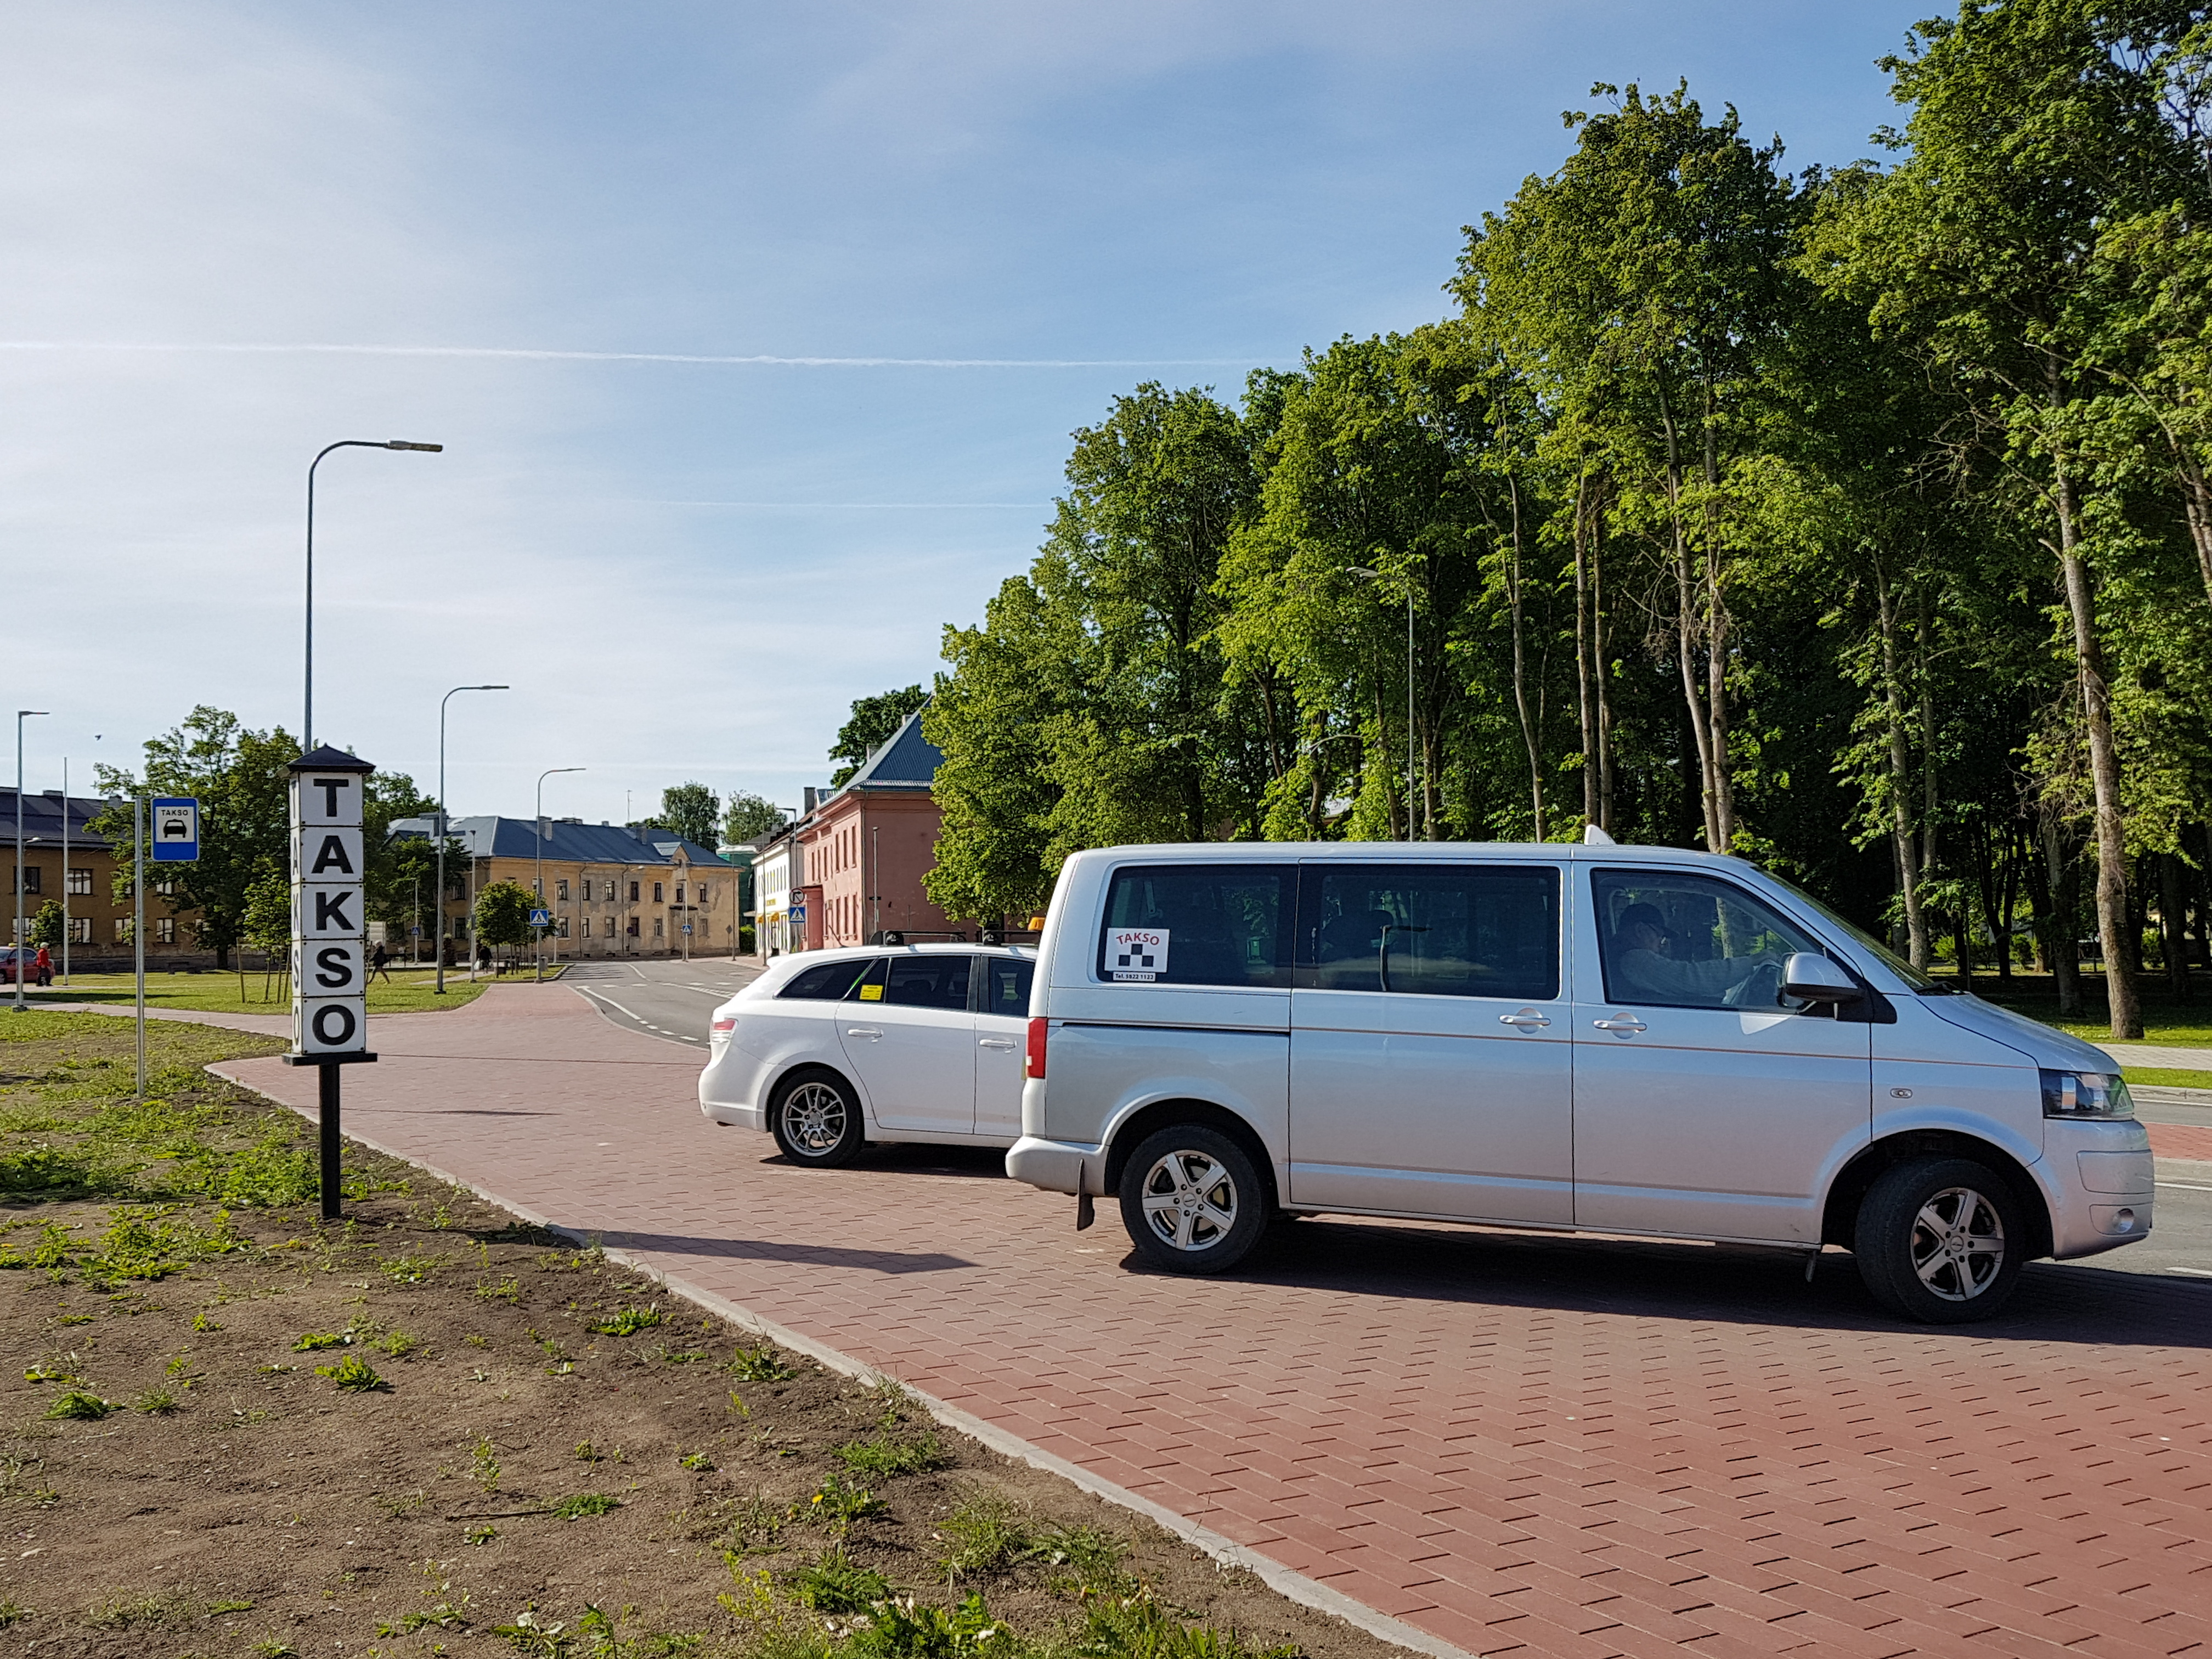 Ka Tapa linna taksod on ühistransport. Pildistas Katrin Jõgisaar, Bioneer